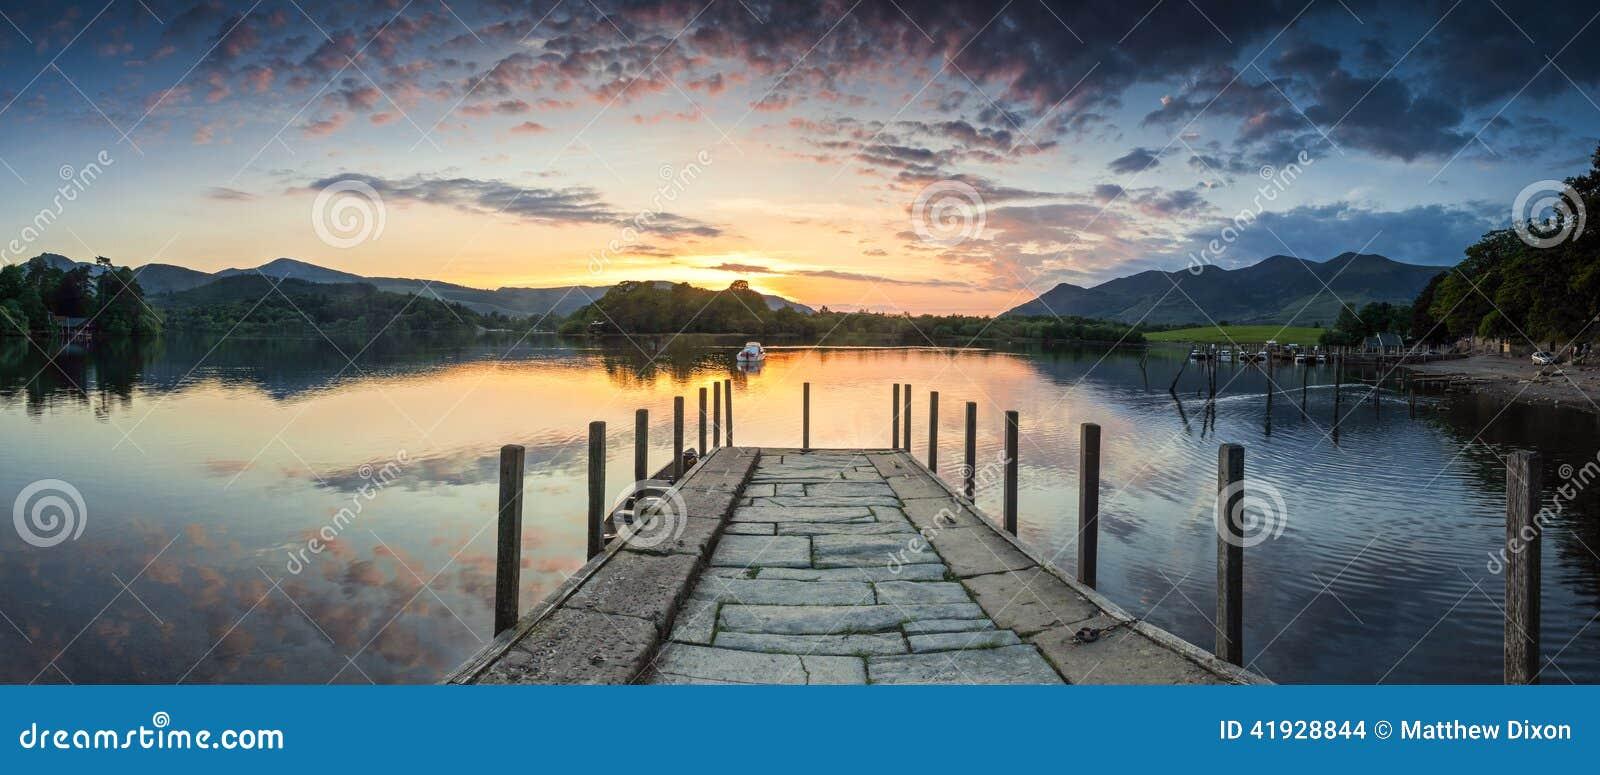 Distrito do lago, Cumbria, Reino Unido